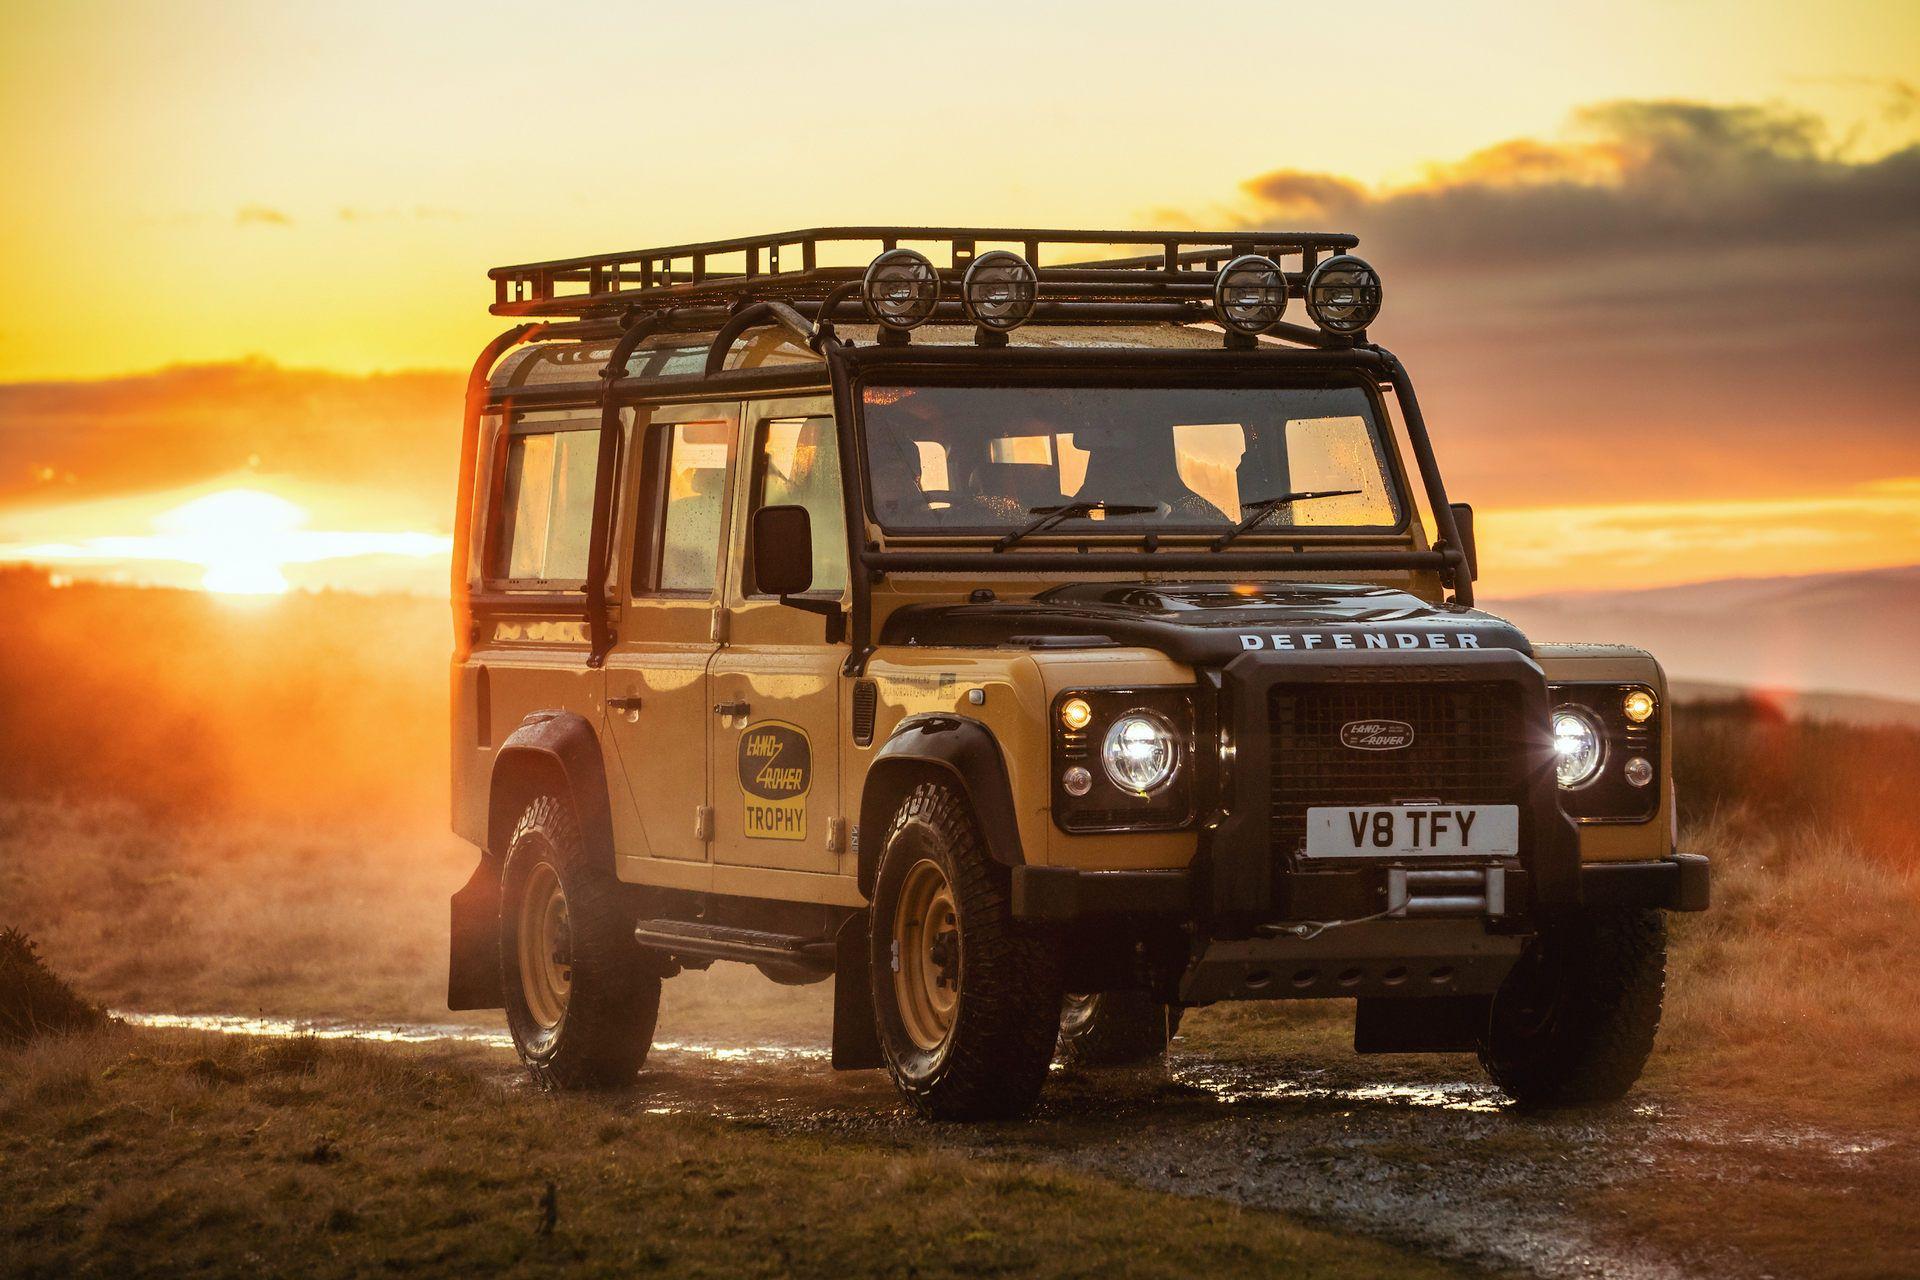 Land-Rover-Defender-Works-V8-Trophy-1